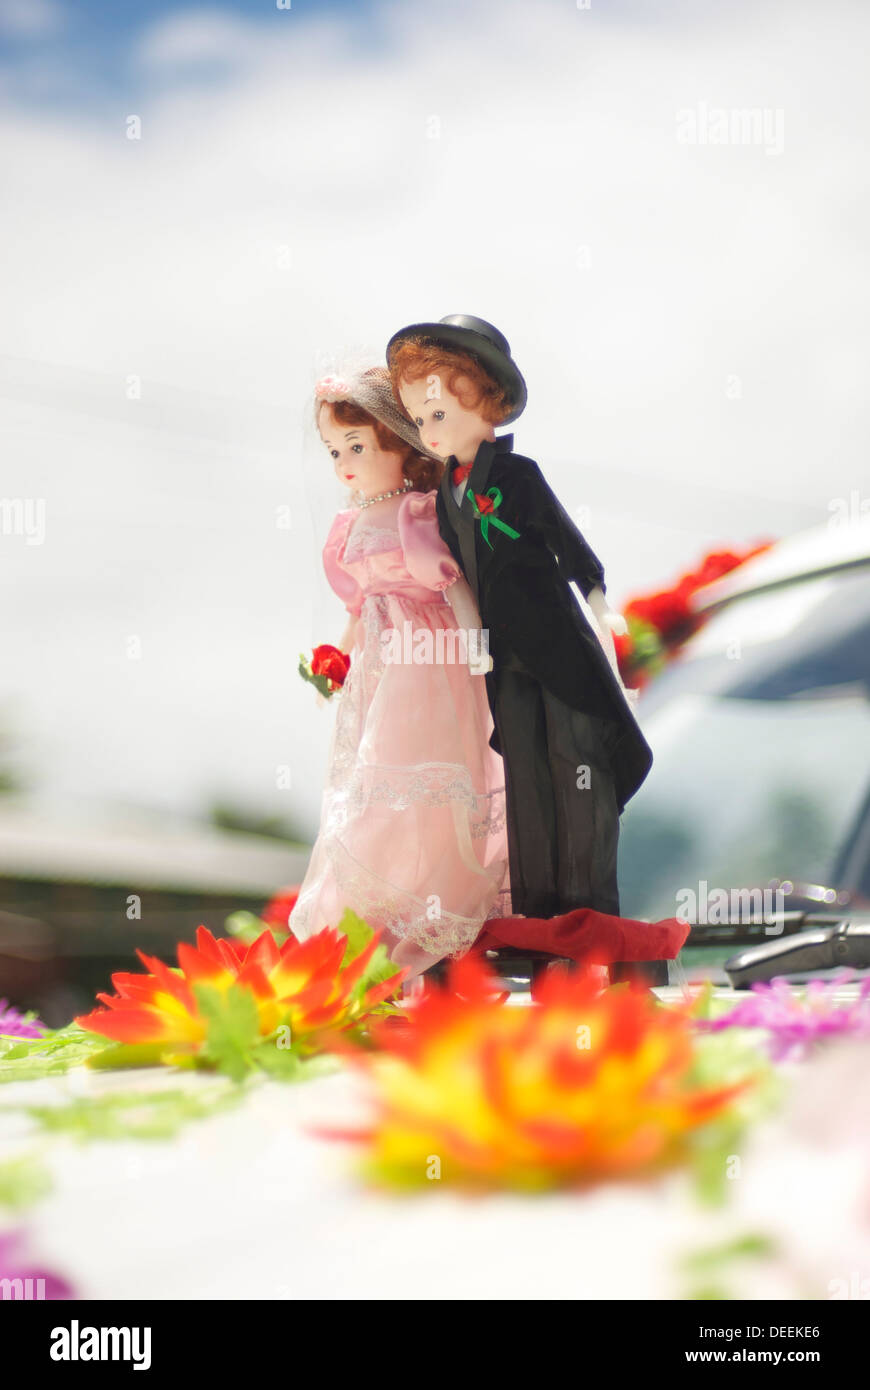 Miniatura pareja inteligente basado en frente coche listo para boda con flores sobre sus pies Imagen De Stock